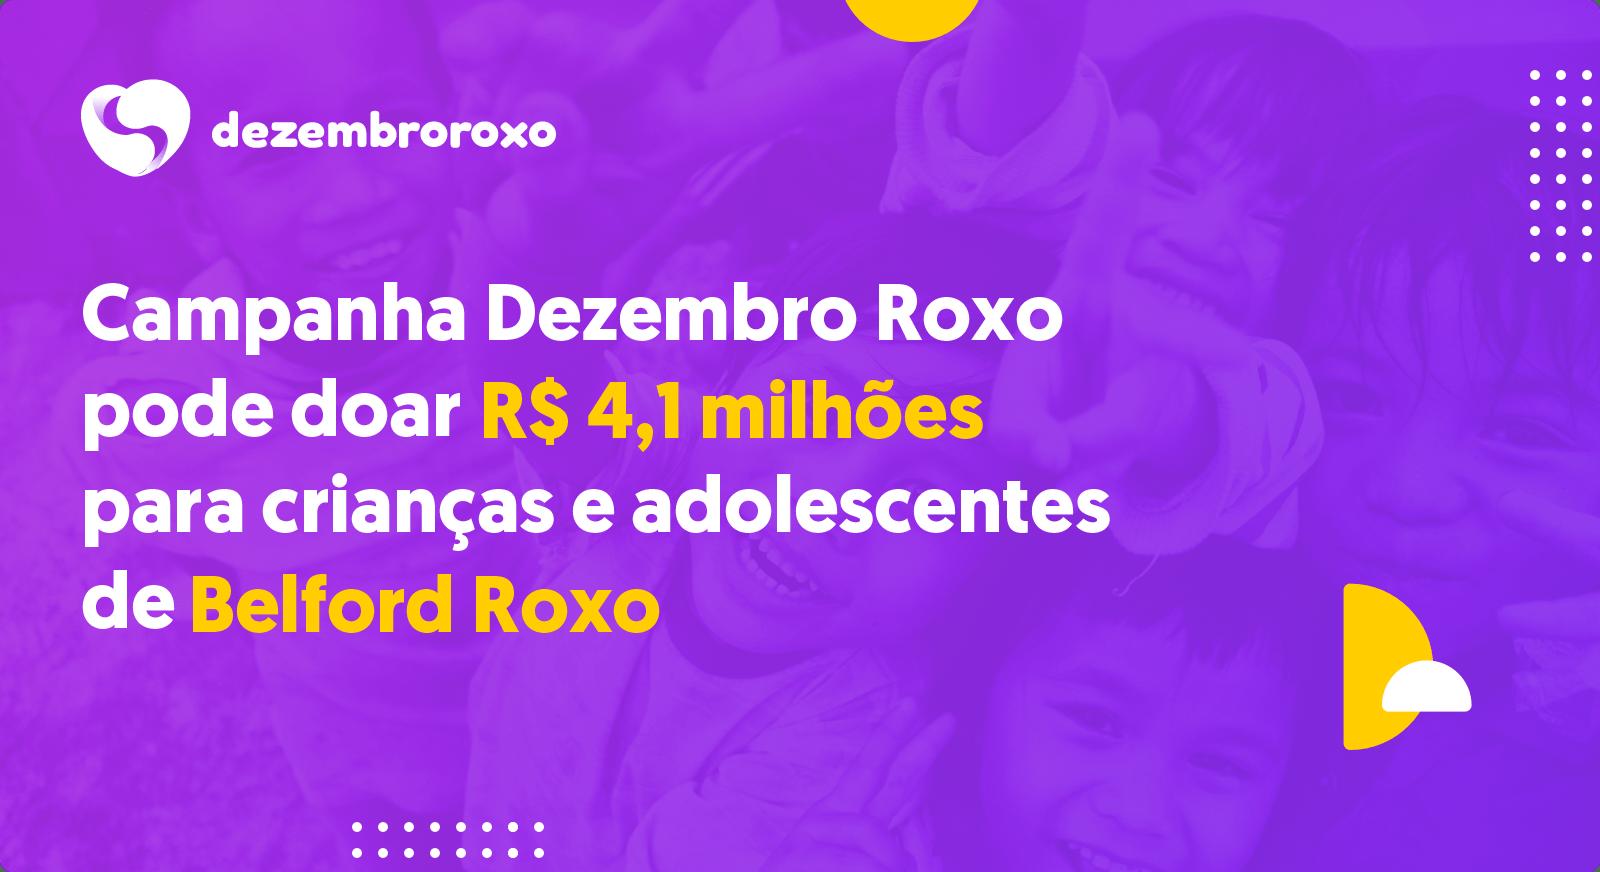 Doações em Belford Roxo - RJ